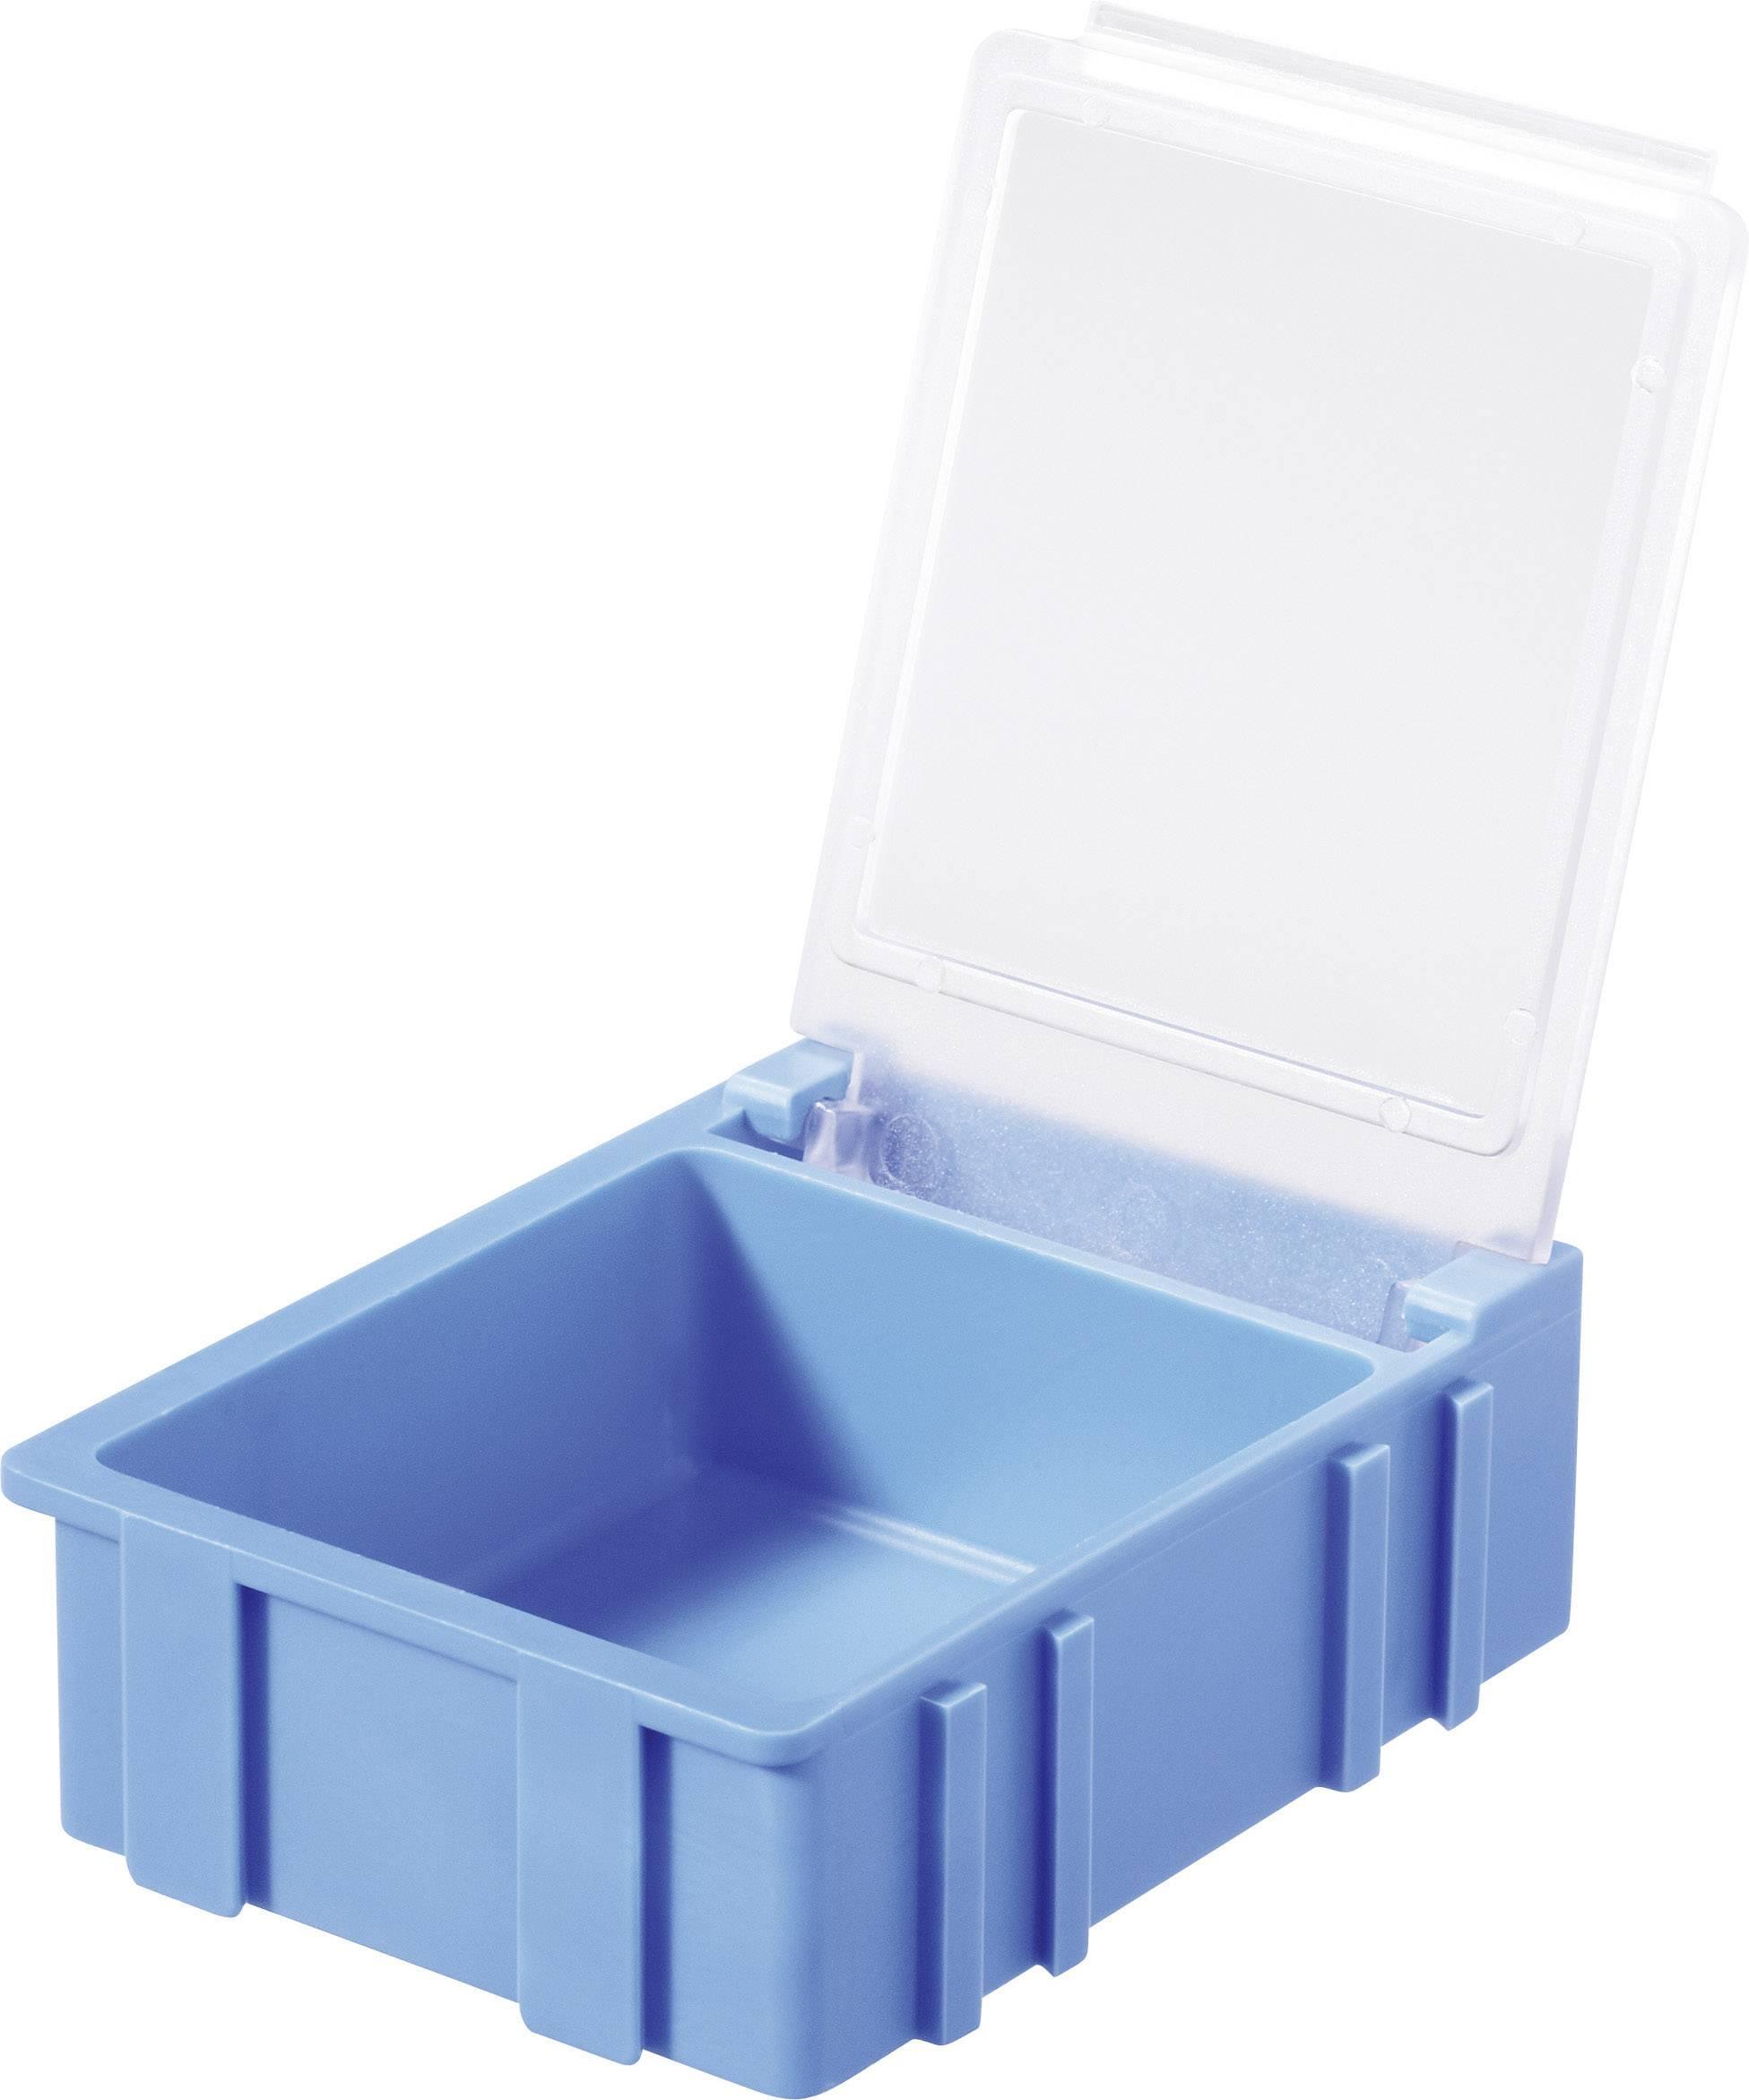 SMD BOX 3 MODRÝ/PRUHLEDNÝ